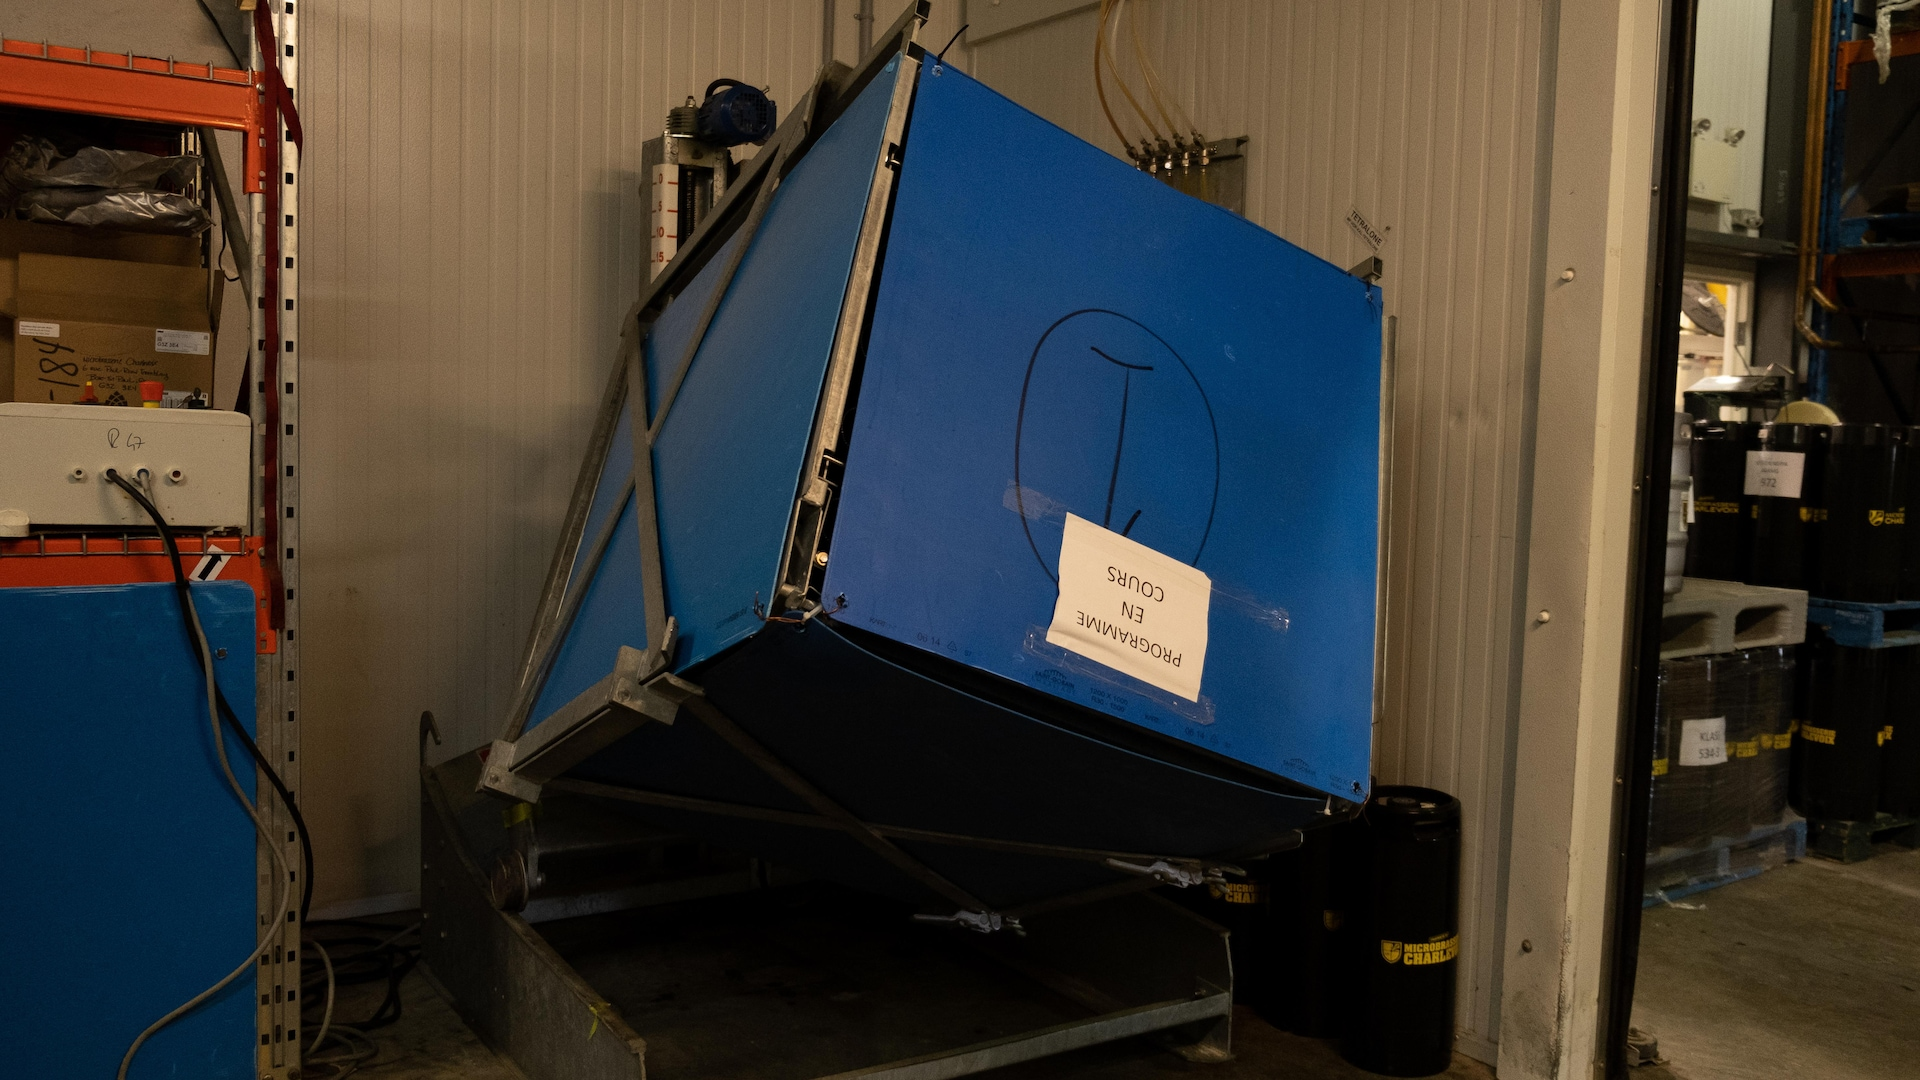 Une grosse boîte bleue dans une usine.